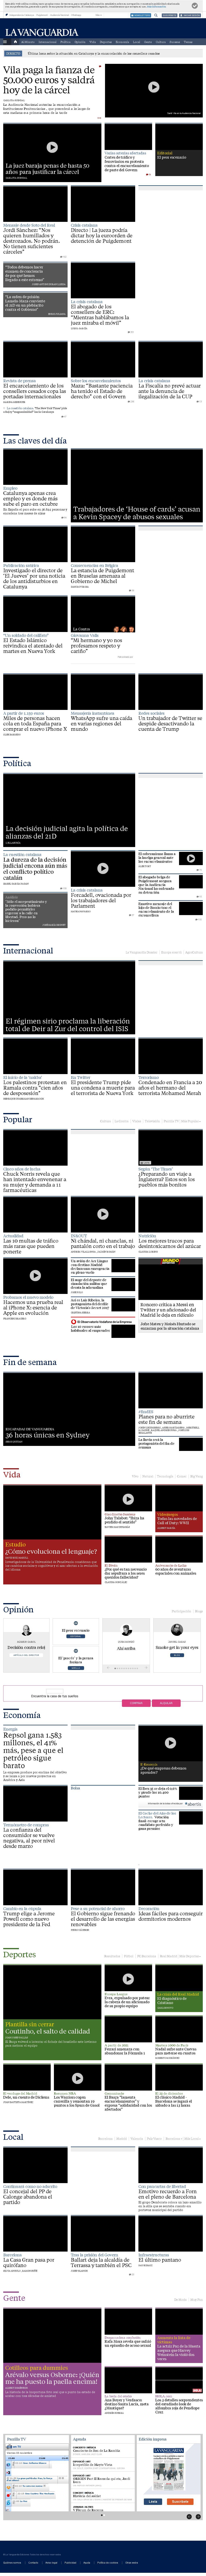 La Vanguardia at Friday Nov. 3, 2017, 11:14 a.m. UTC